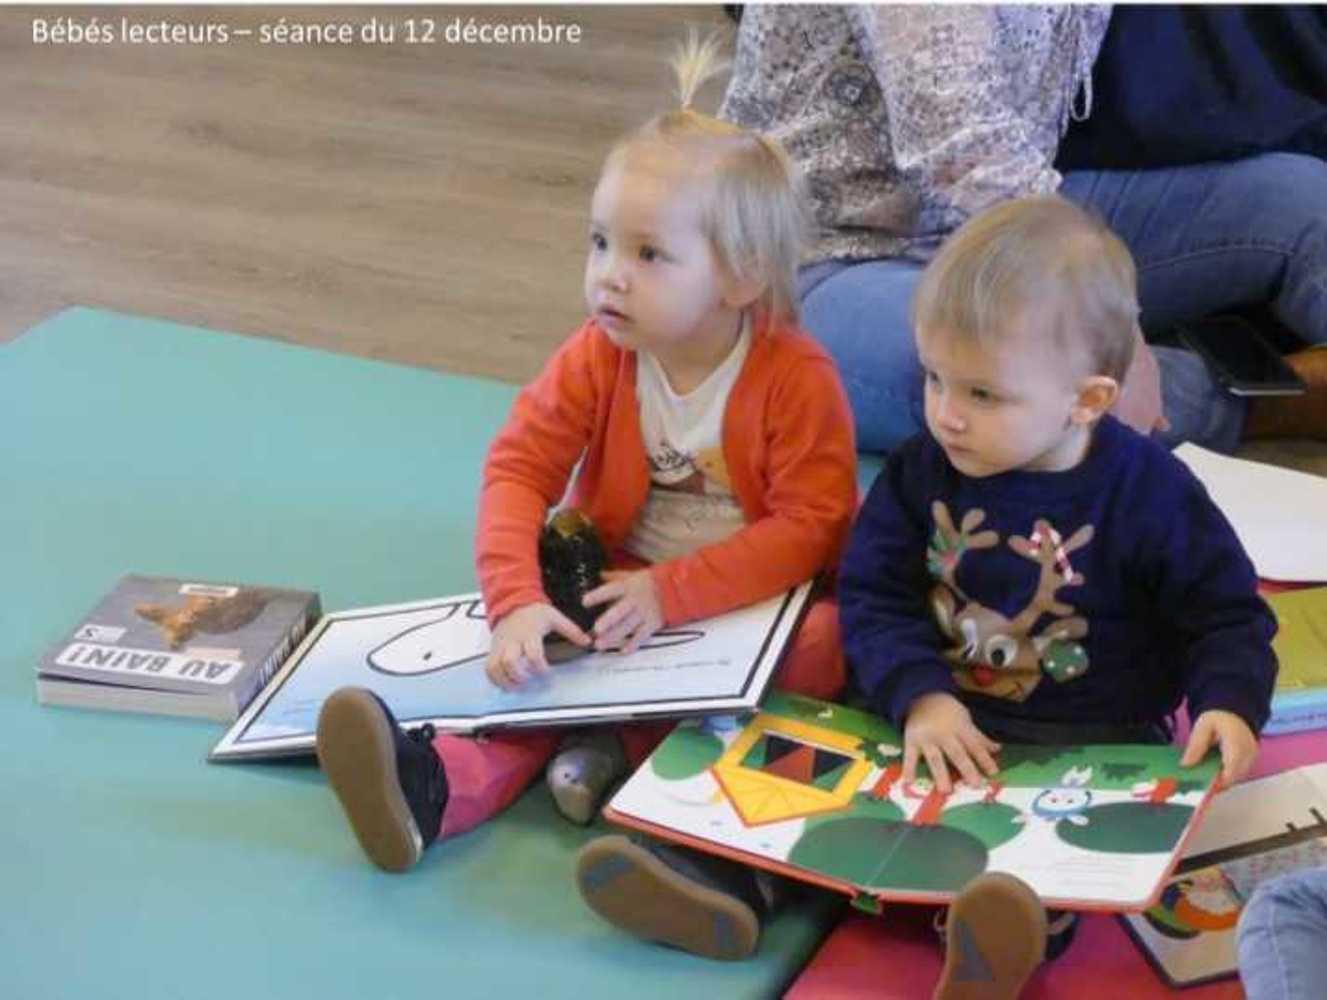 Photos et vidéo de la séance des bébés lecteurs du 12 décembre image2